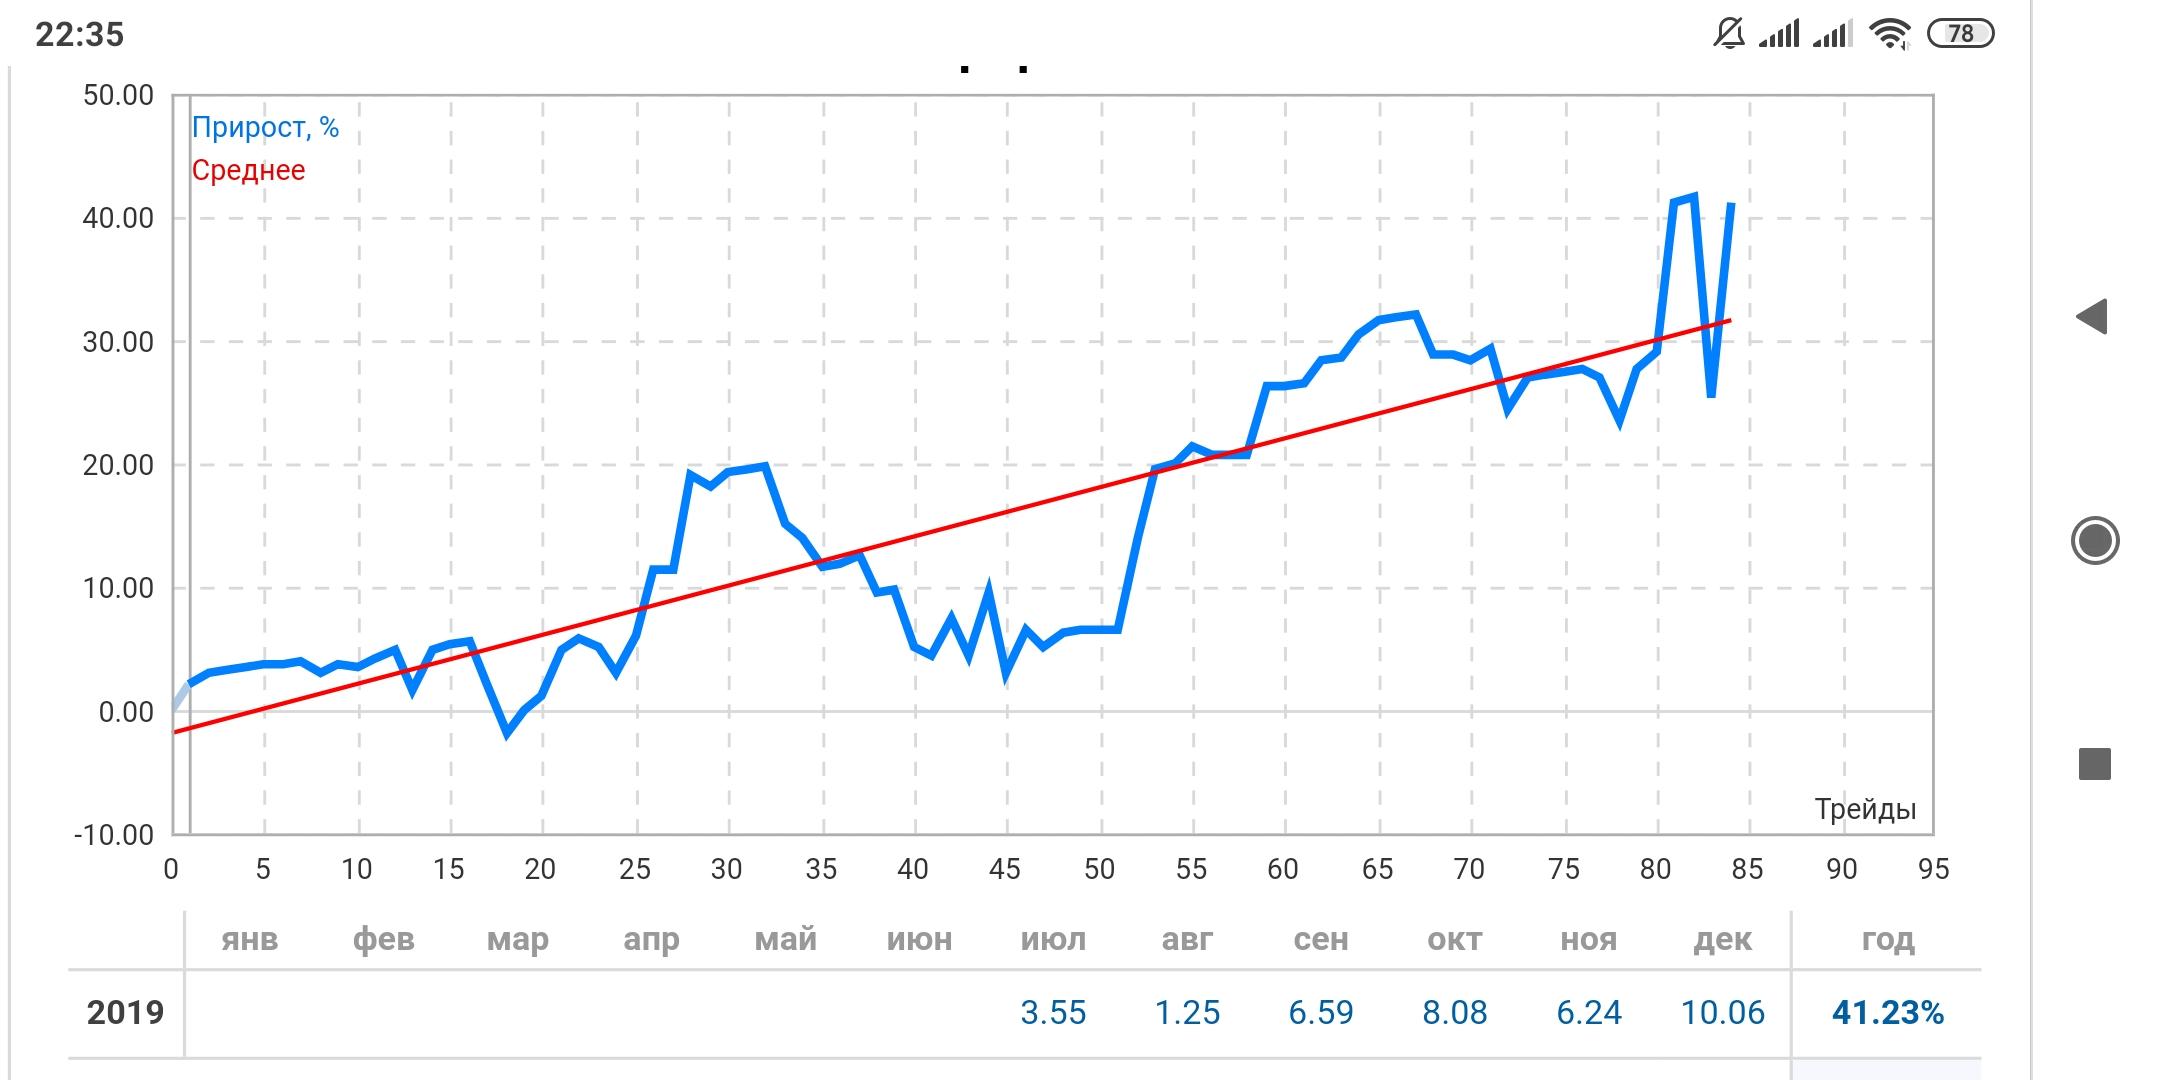 VIK Trand Impuls - средний доход в месяц +5%. https://www.mql5.com/ru/market/product/36503 Торговый сигналhttps://www.mql5.com/ru/signals/611065